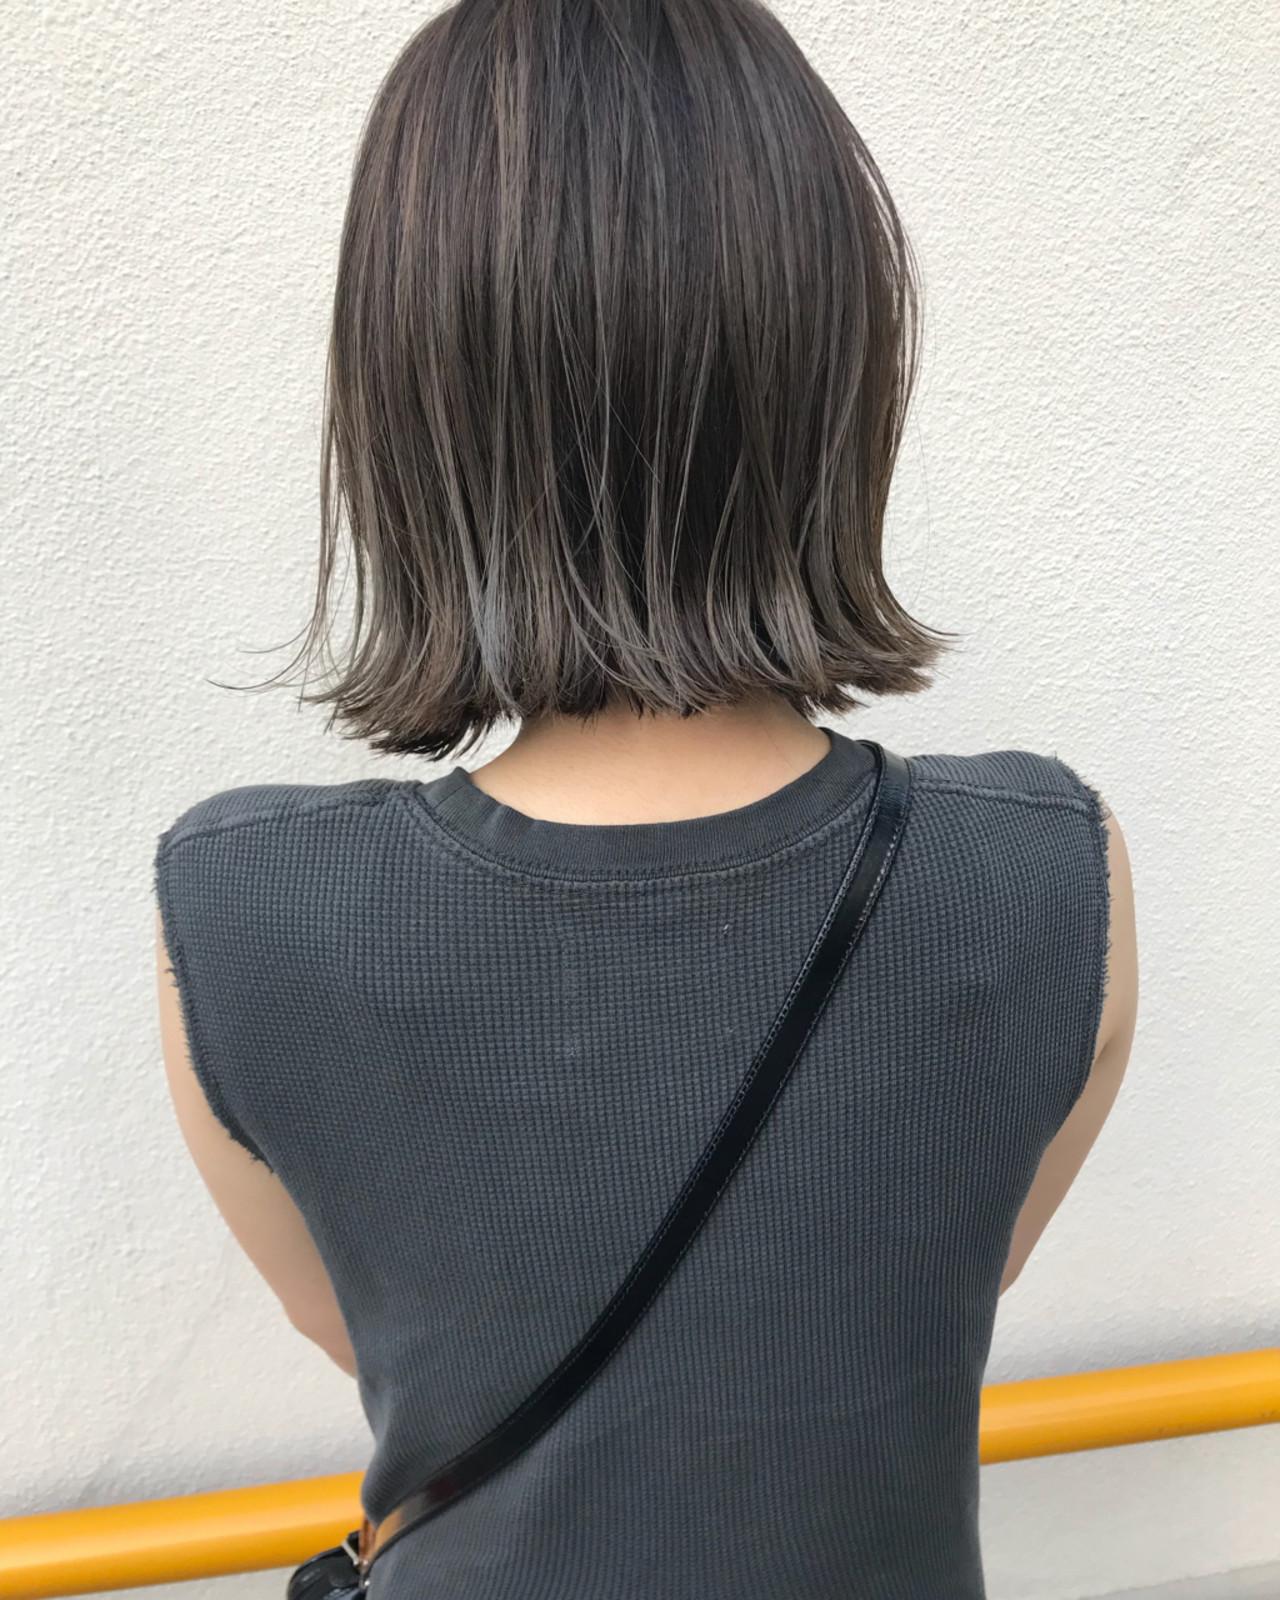 ナチュラル ハイライト 切りっぱなし ロブ ヘアスタイルや髪型の写真・画像 | KENTO.NOESALON / NOE SALON